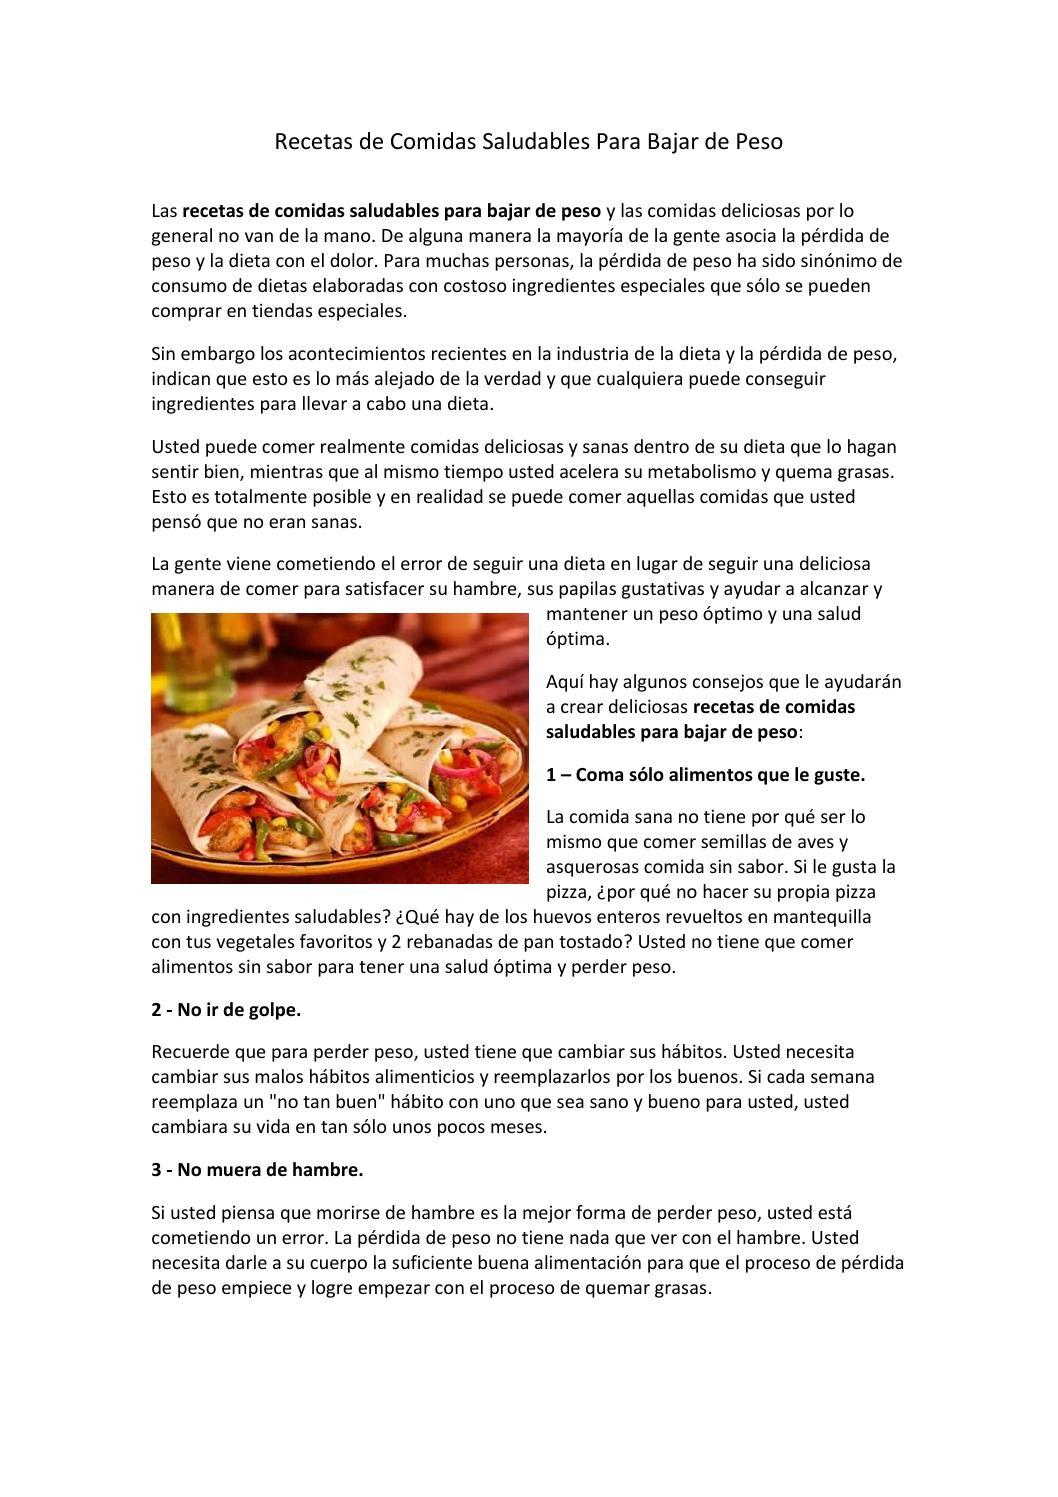 Comidas saludables para bajar de peso recetas con